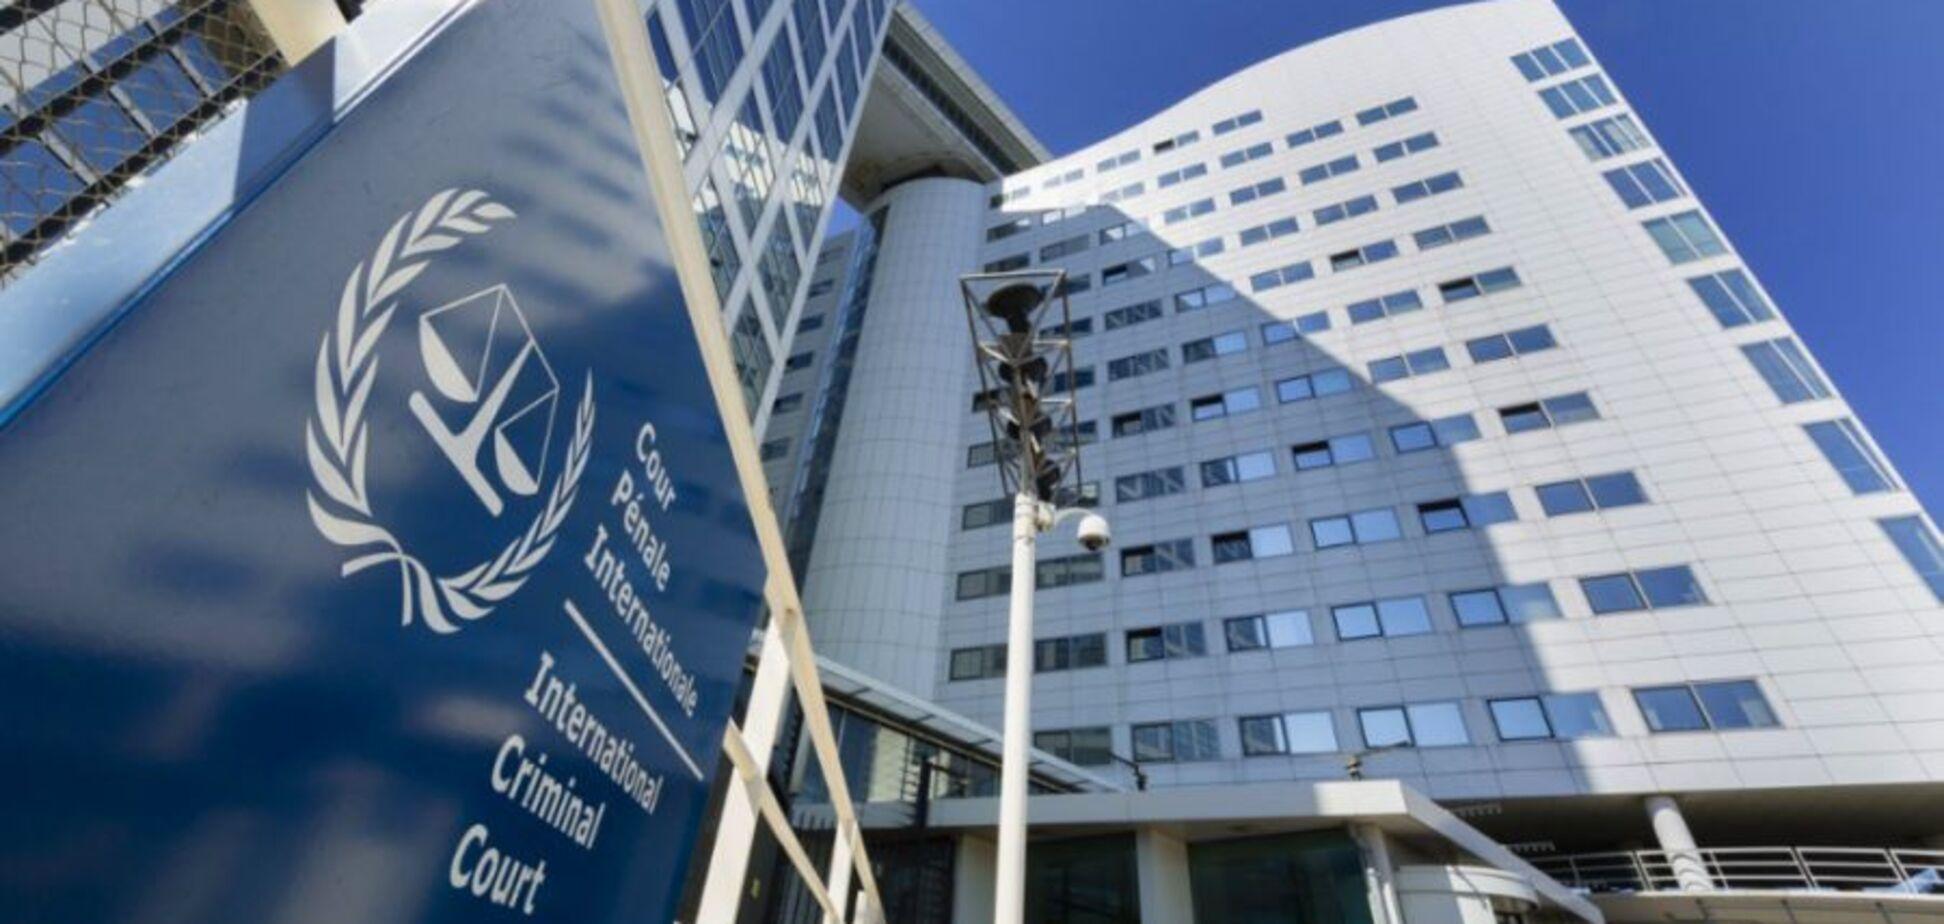 Збройний конфлікт із Росією: Гаага ухвалила важливе рішення щодо Криму